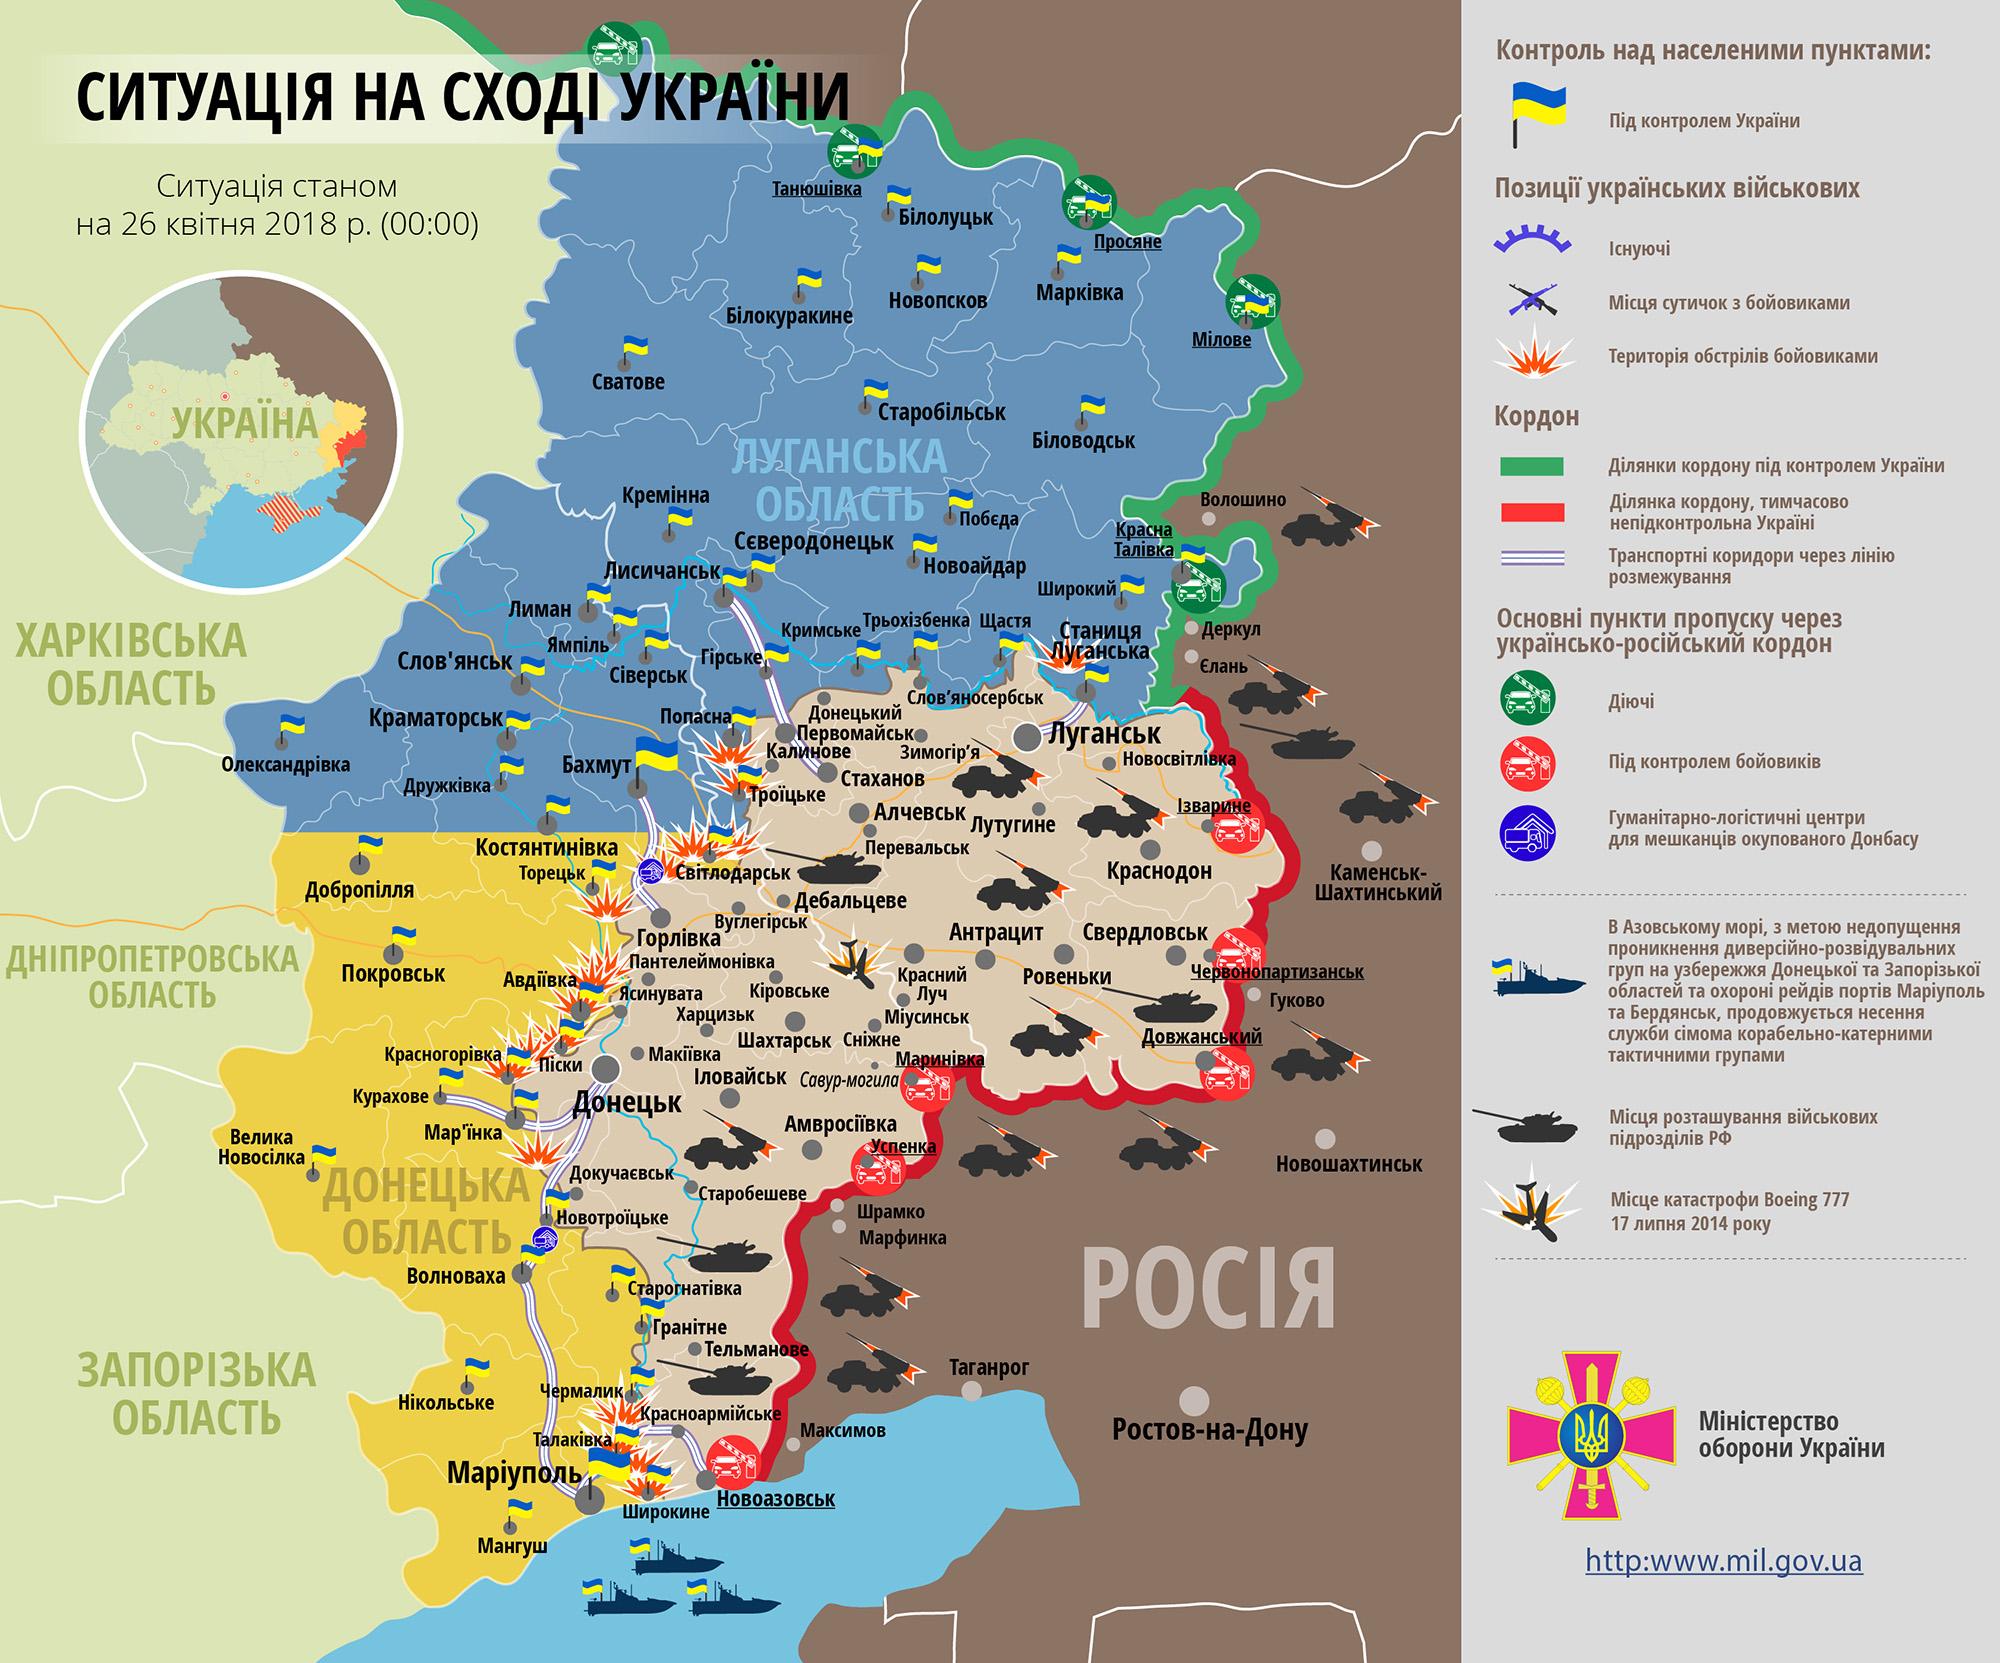 ВГосдепе осудили эскалацию конфликта наДонбассе и порекомендовали РФ «прекратить агрессию»